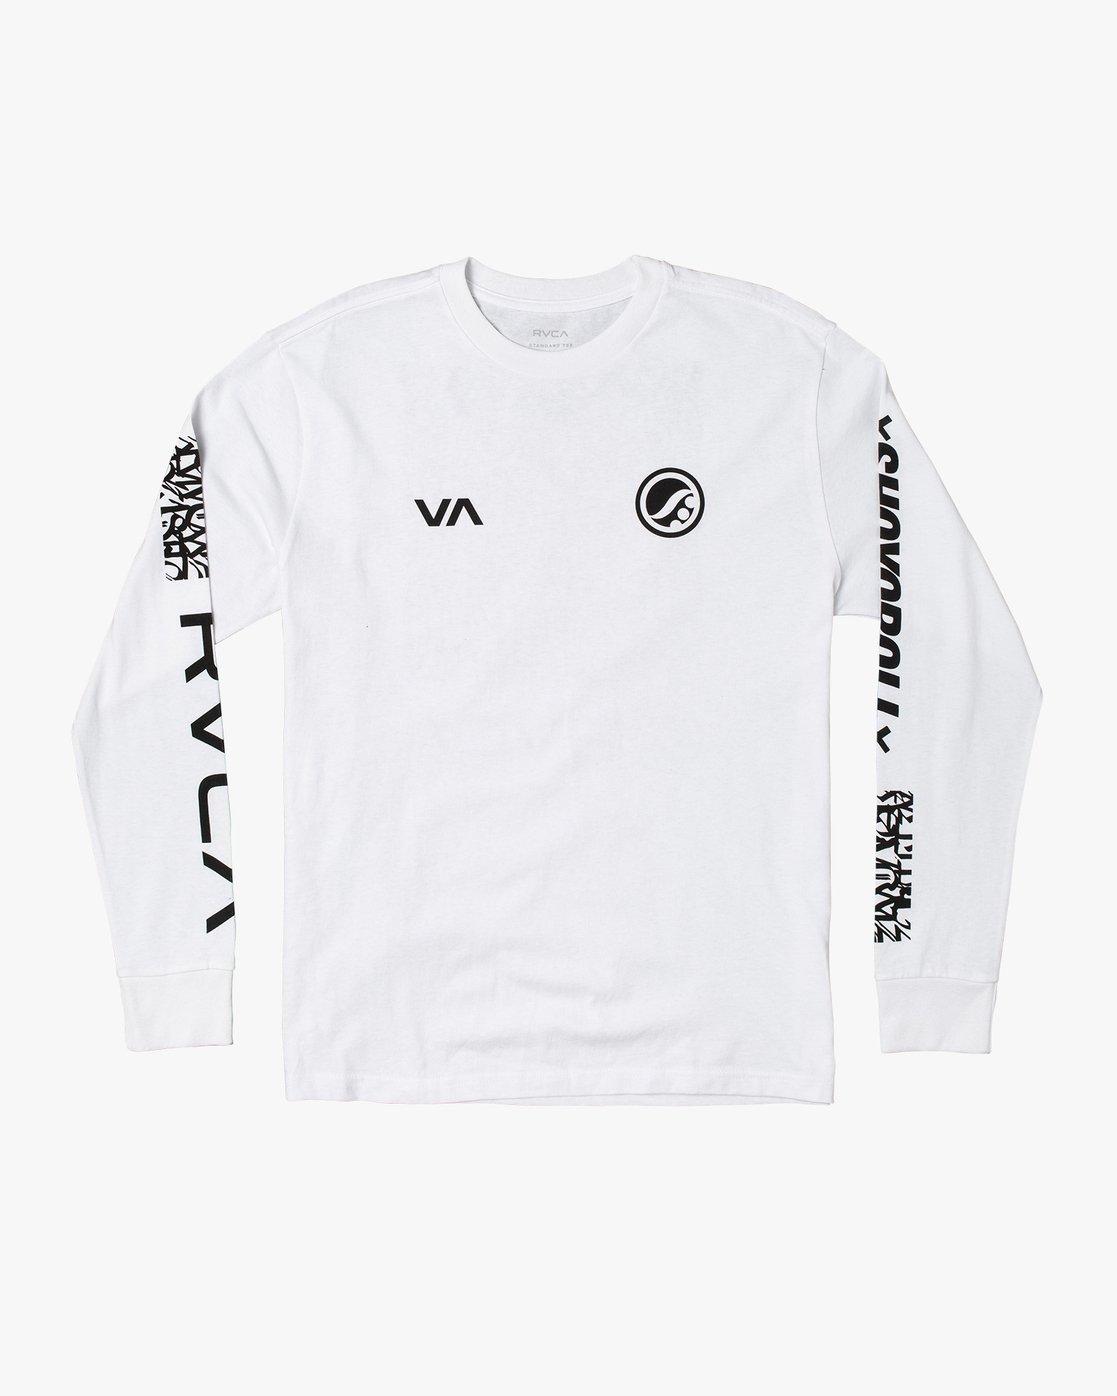 0 Shoyoroll Defer Vaxsho - Long Sleeve T-Shirt for Men White S4LSRARVP0 RVCA